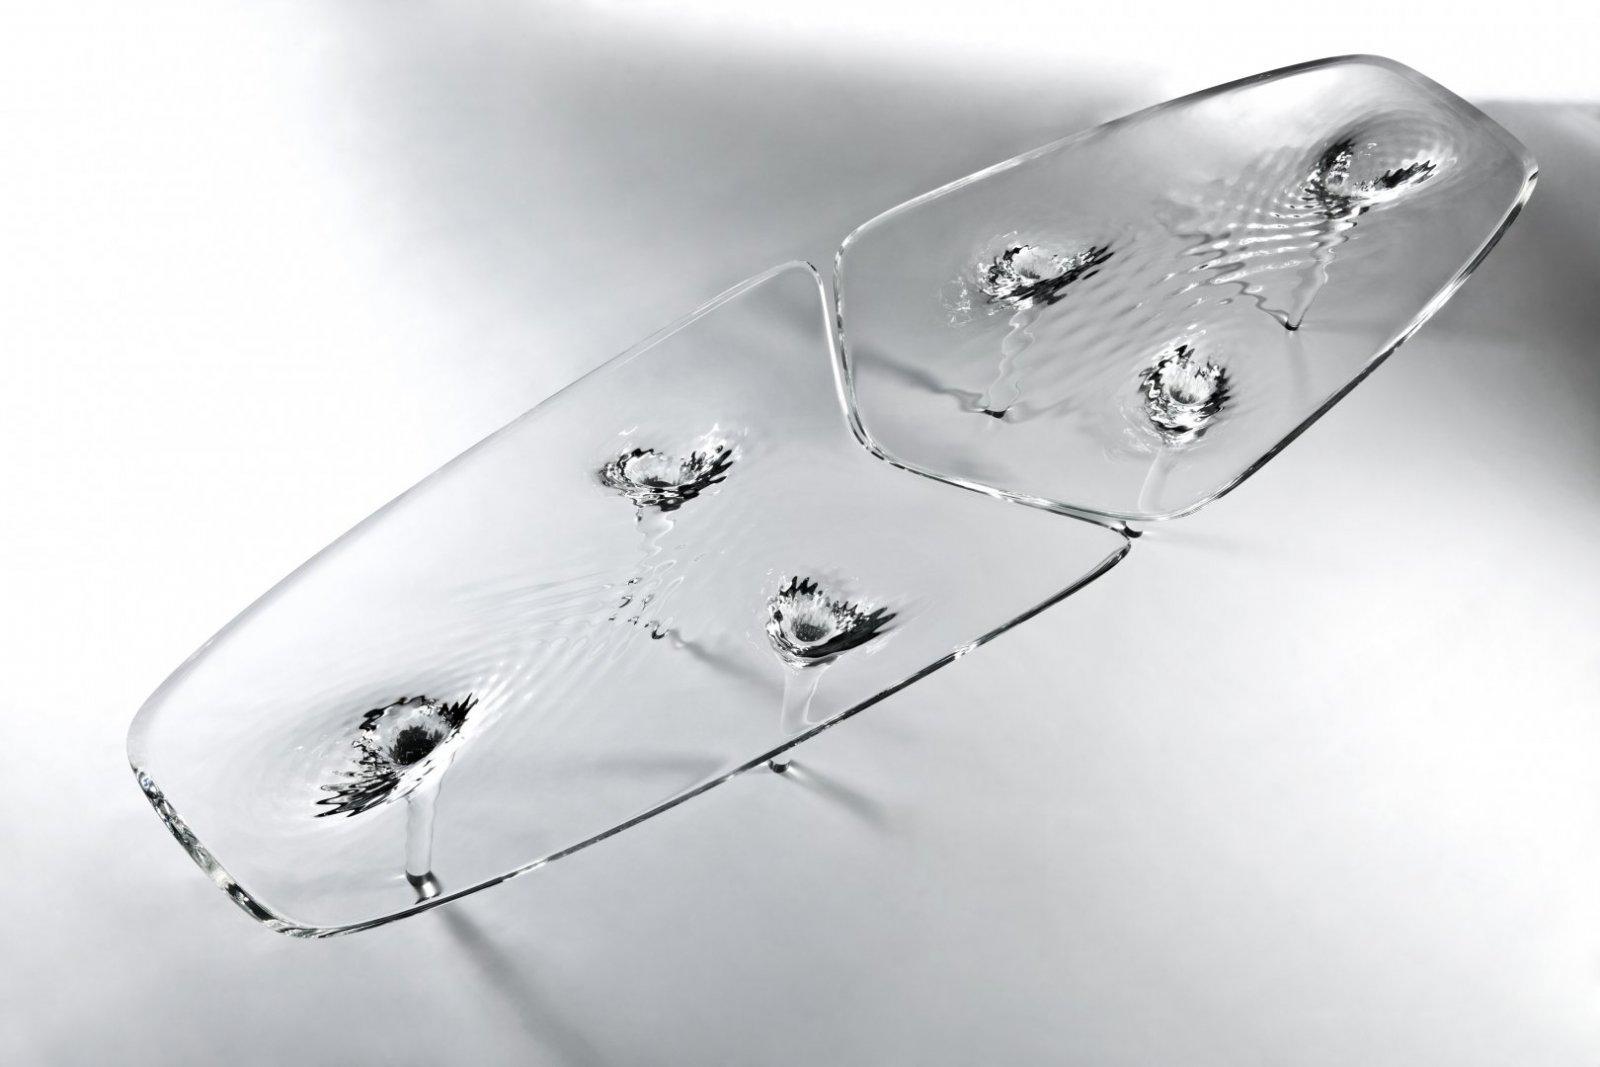 Mesa Liquid Glacial De Zaha Hadid Decoraci N Del Hogar  # Muebles De Zaha Hadid